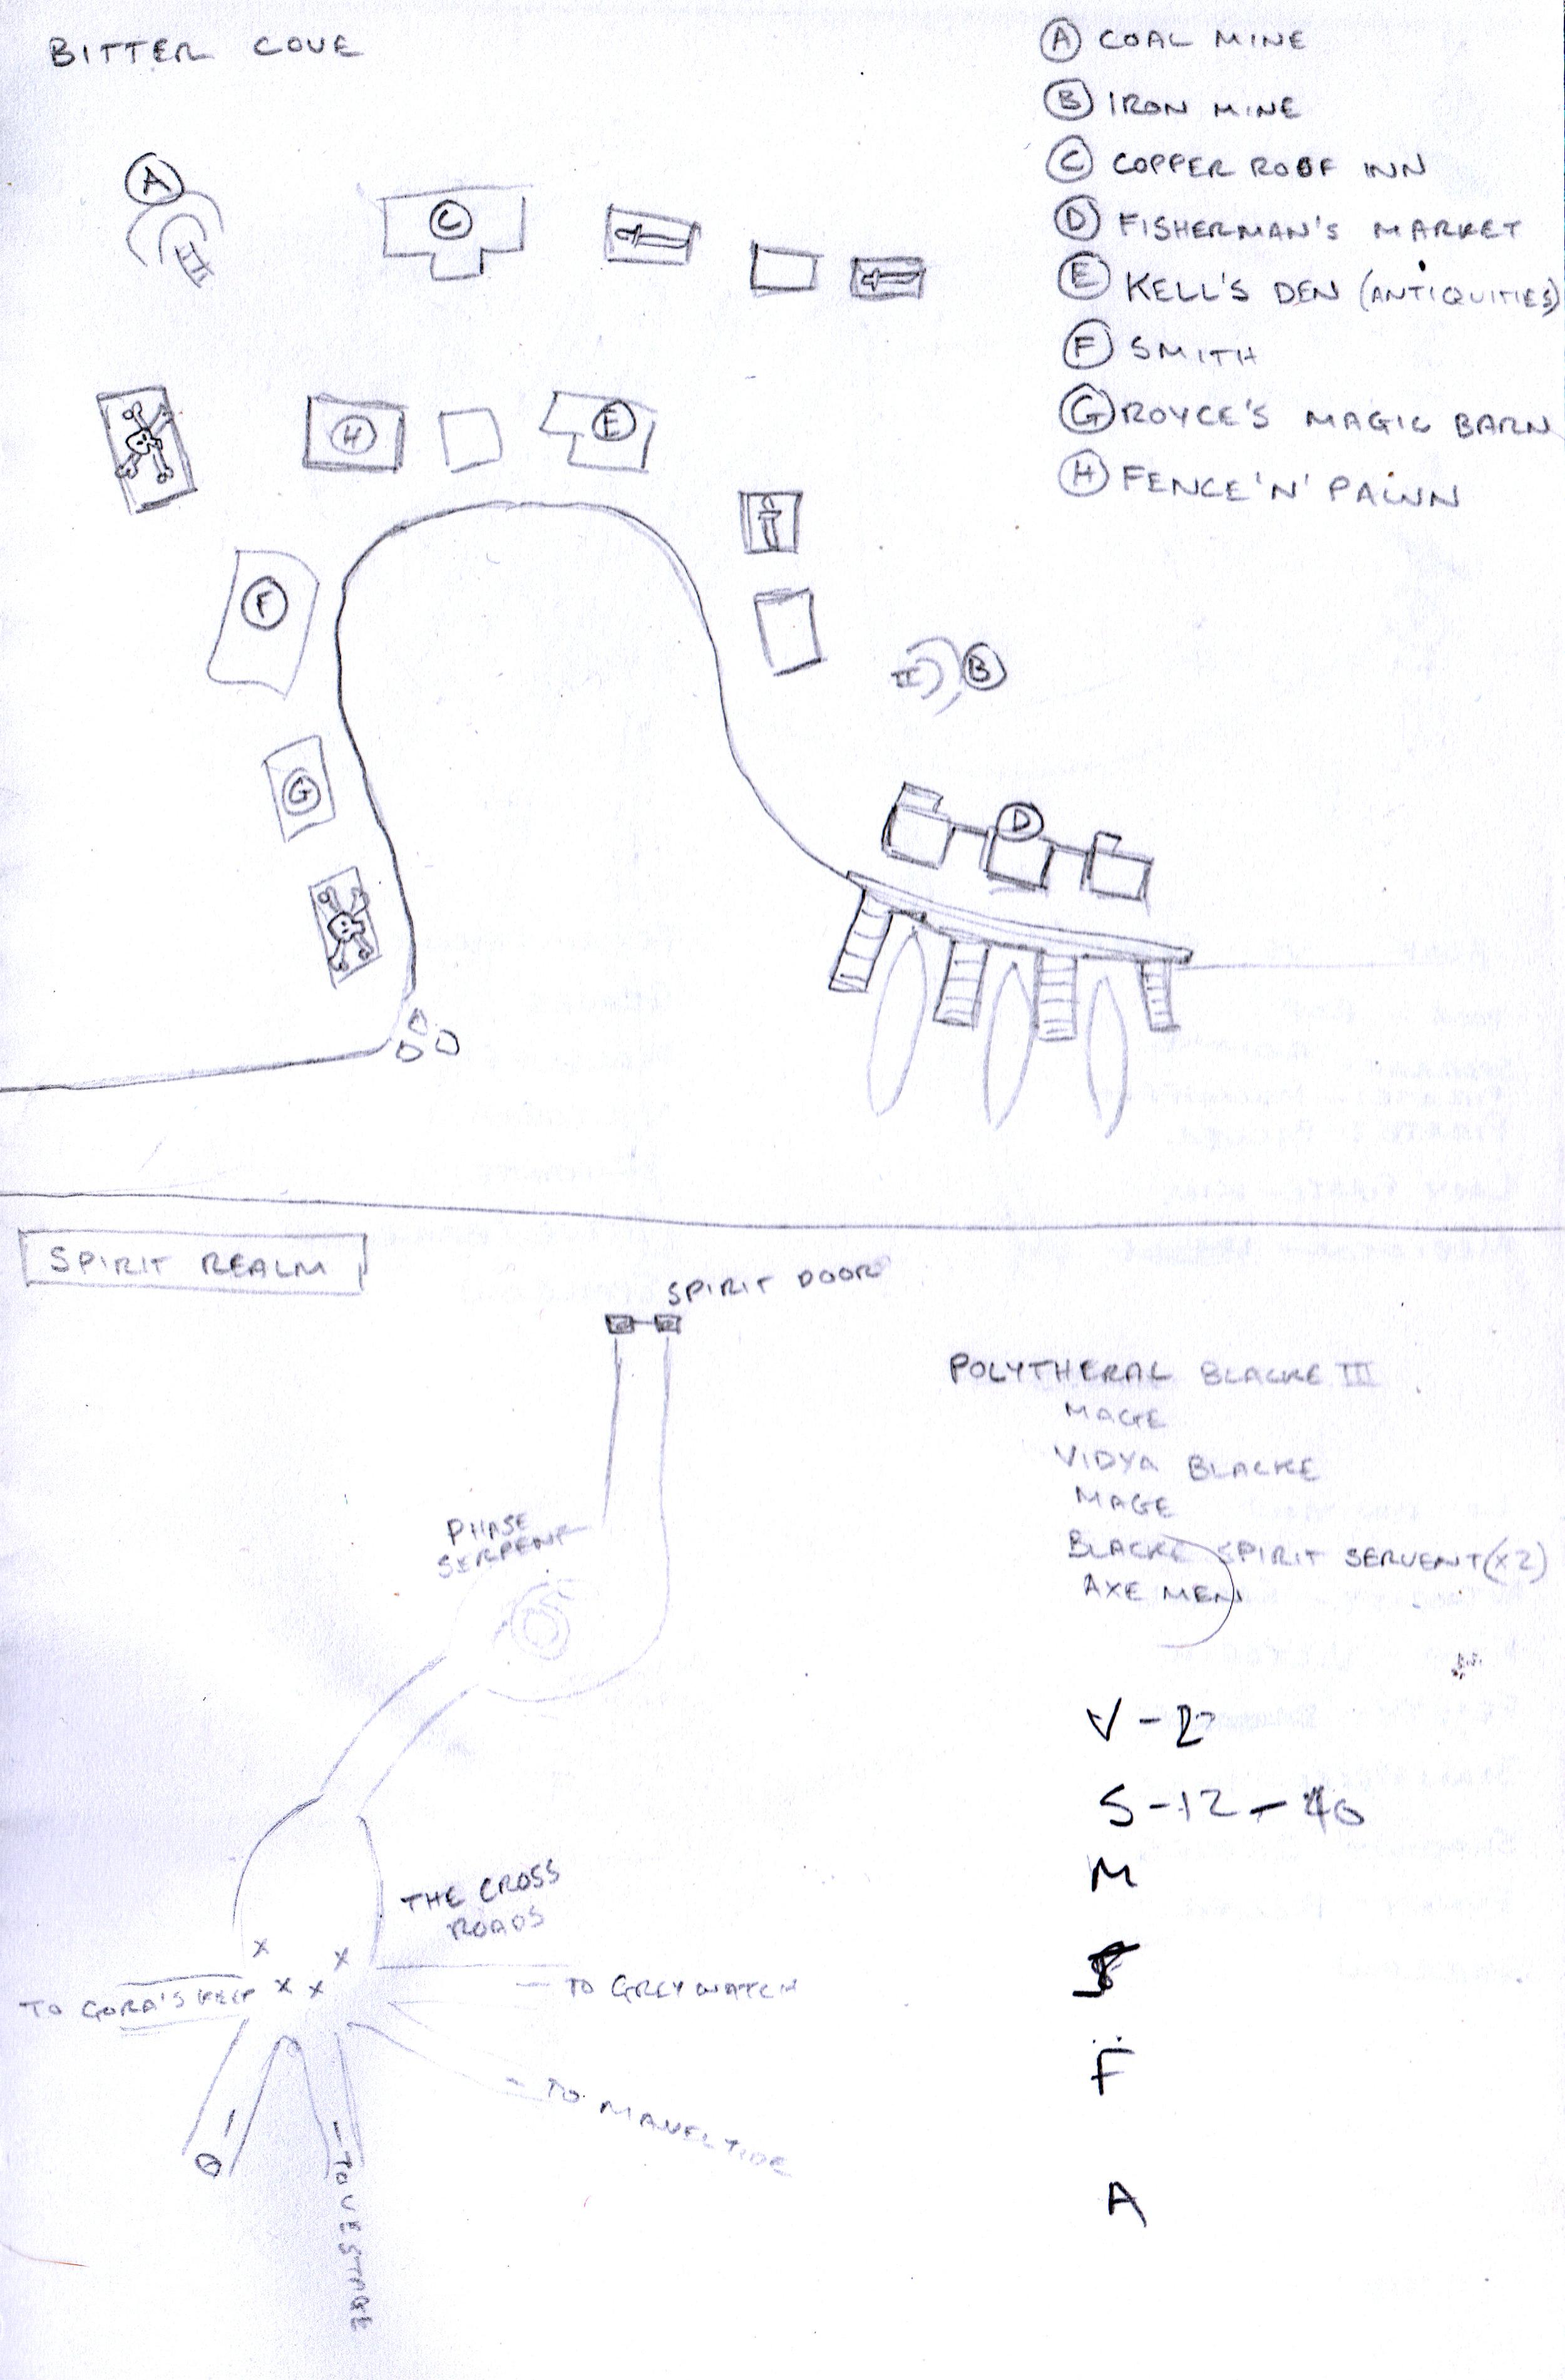 ch9.2_notebook_01.jpg